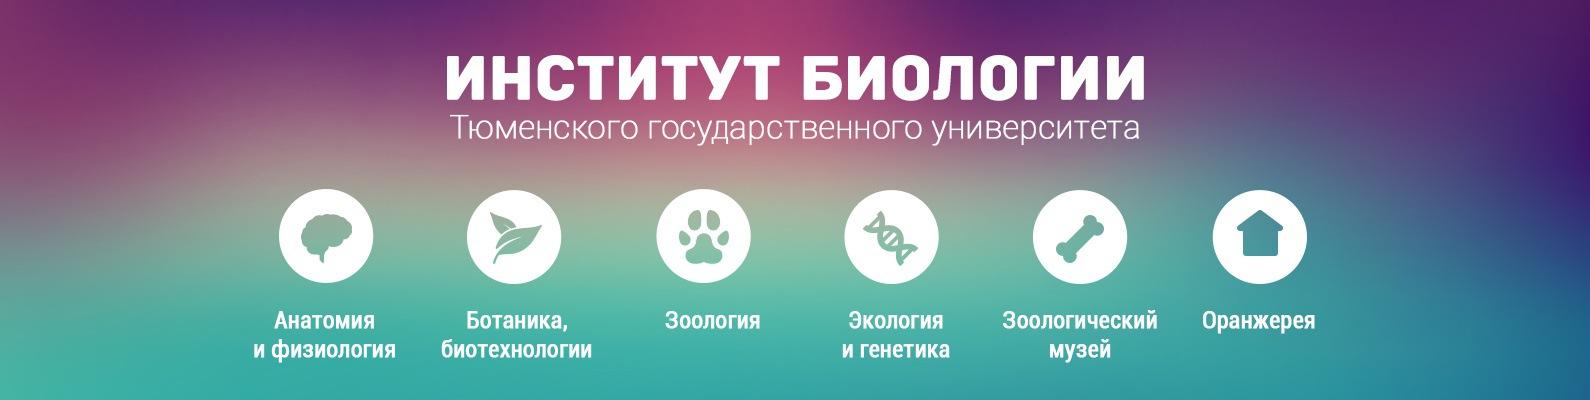 Институт биологии ТюмГУ ВКонтакте